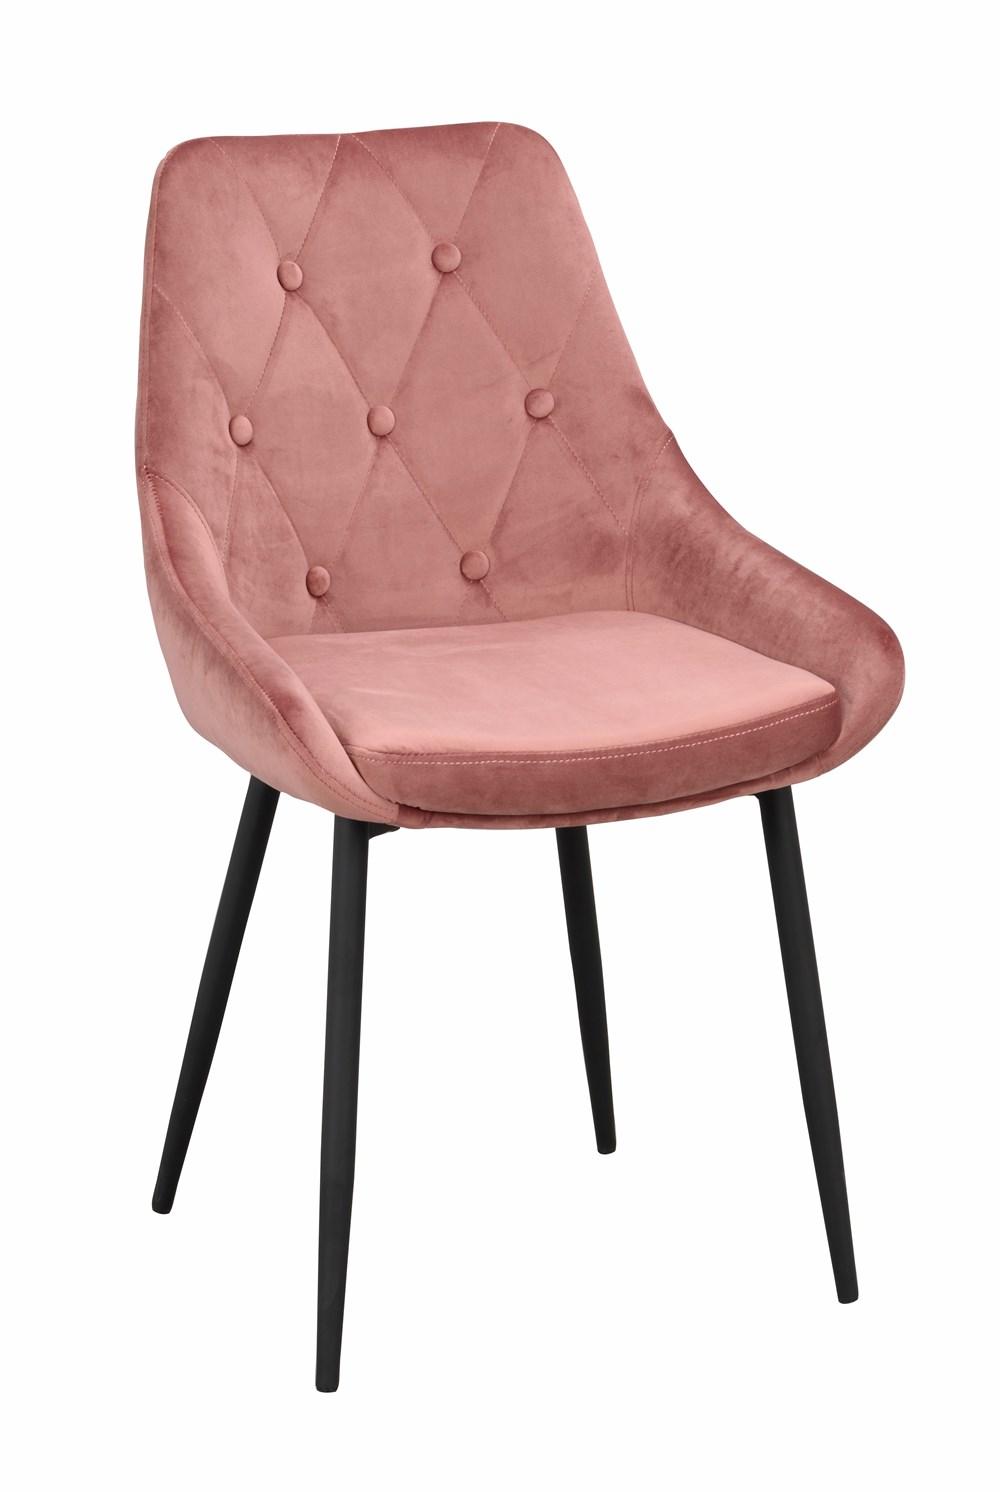 Alberton tuoli pinkki sametti/musta metalli, Rowico